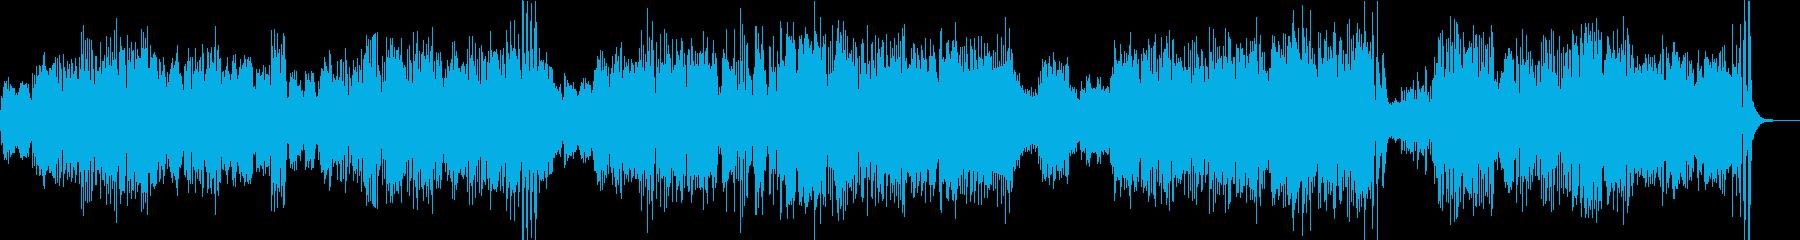 ベートーベン/バイオリンソナタ8–3の再生済みの波形